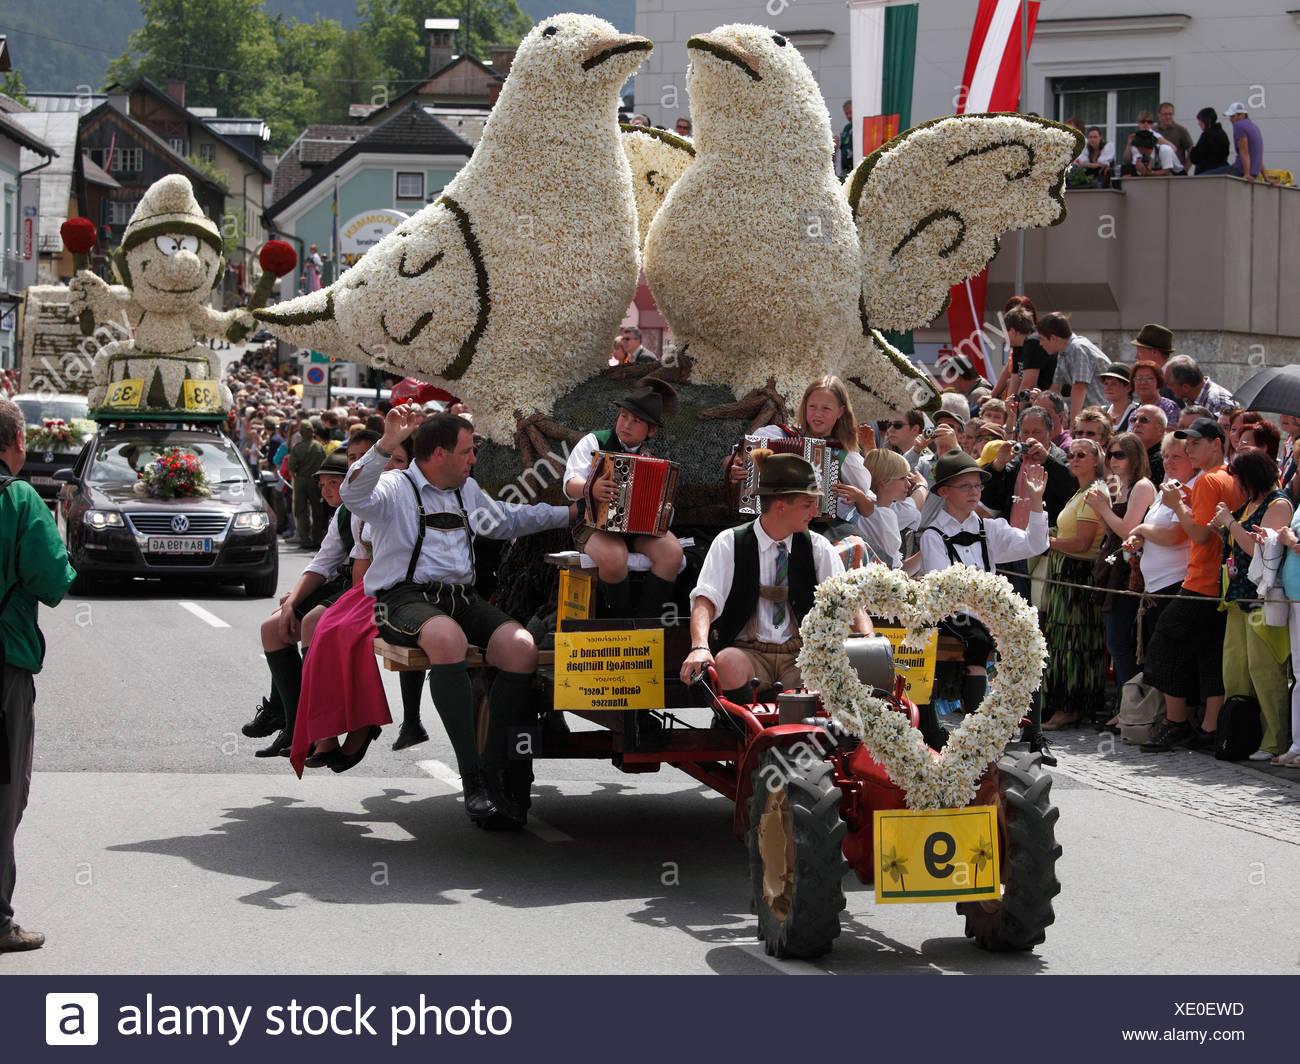 Konvoi mit Figuren aus Narzissen Narzissenfest Narcissus-Festival in Bad Aussee, Ausseer Land, Salzkammergut Bereich, Steiermark, A Stockbild